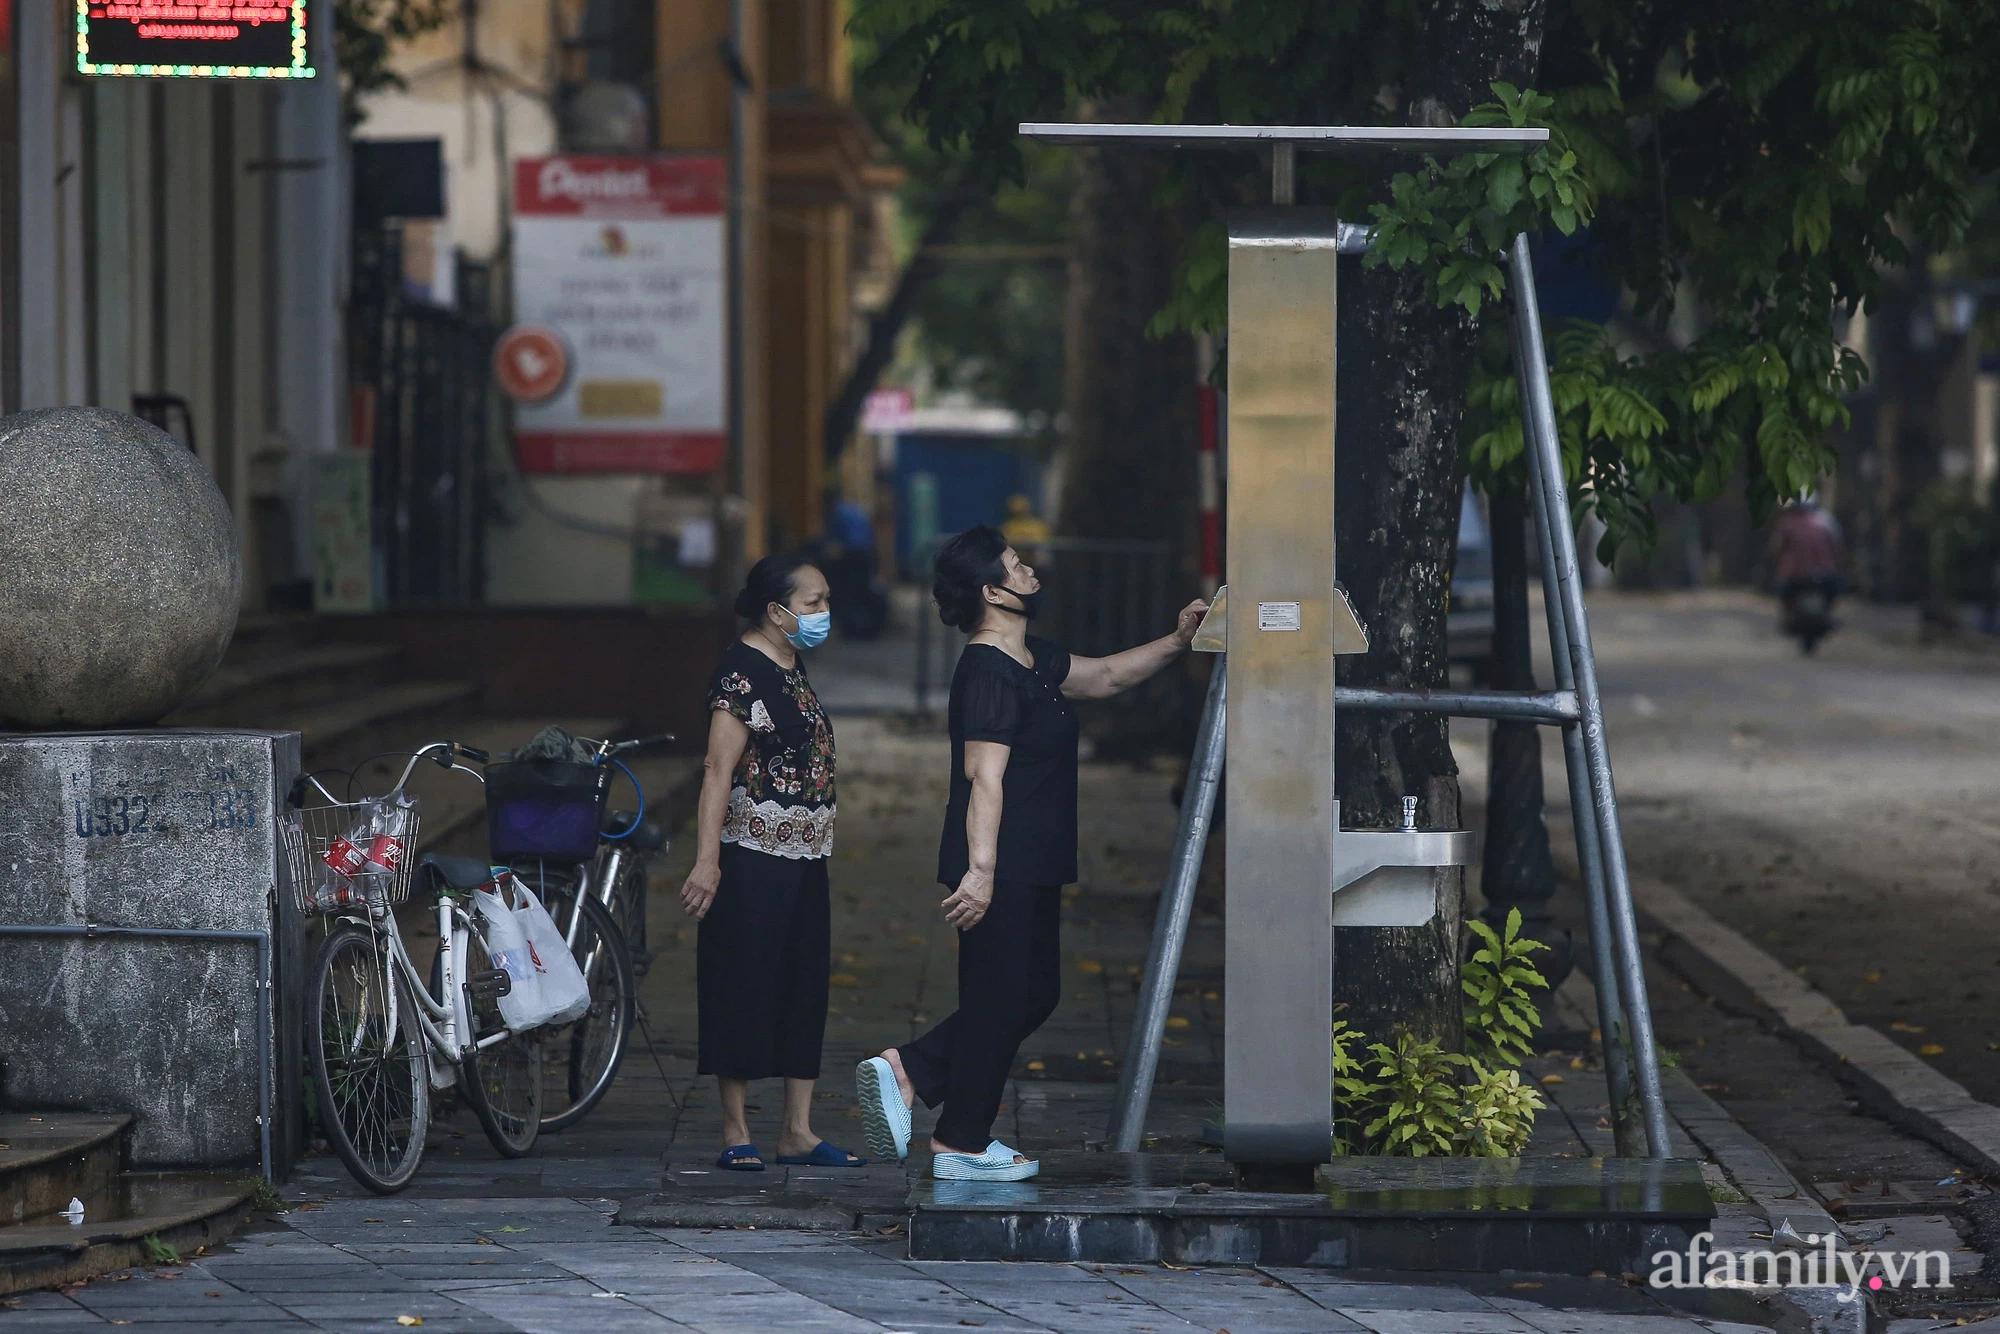 Buổi sáng đầu tiên cách ly toàn xã hội, đường phố Hà Nội vắng vẻ, người dân chỉ tập trung đông tại một số khu chợ để mua đồ ăn uống, sinh hoạt cho những ngày sắp tới - Ảnh 9.